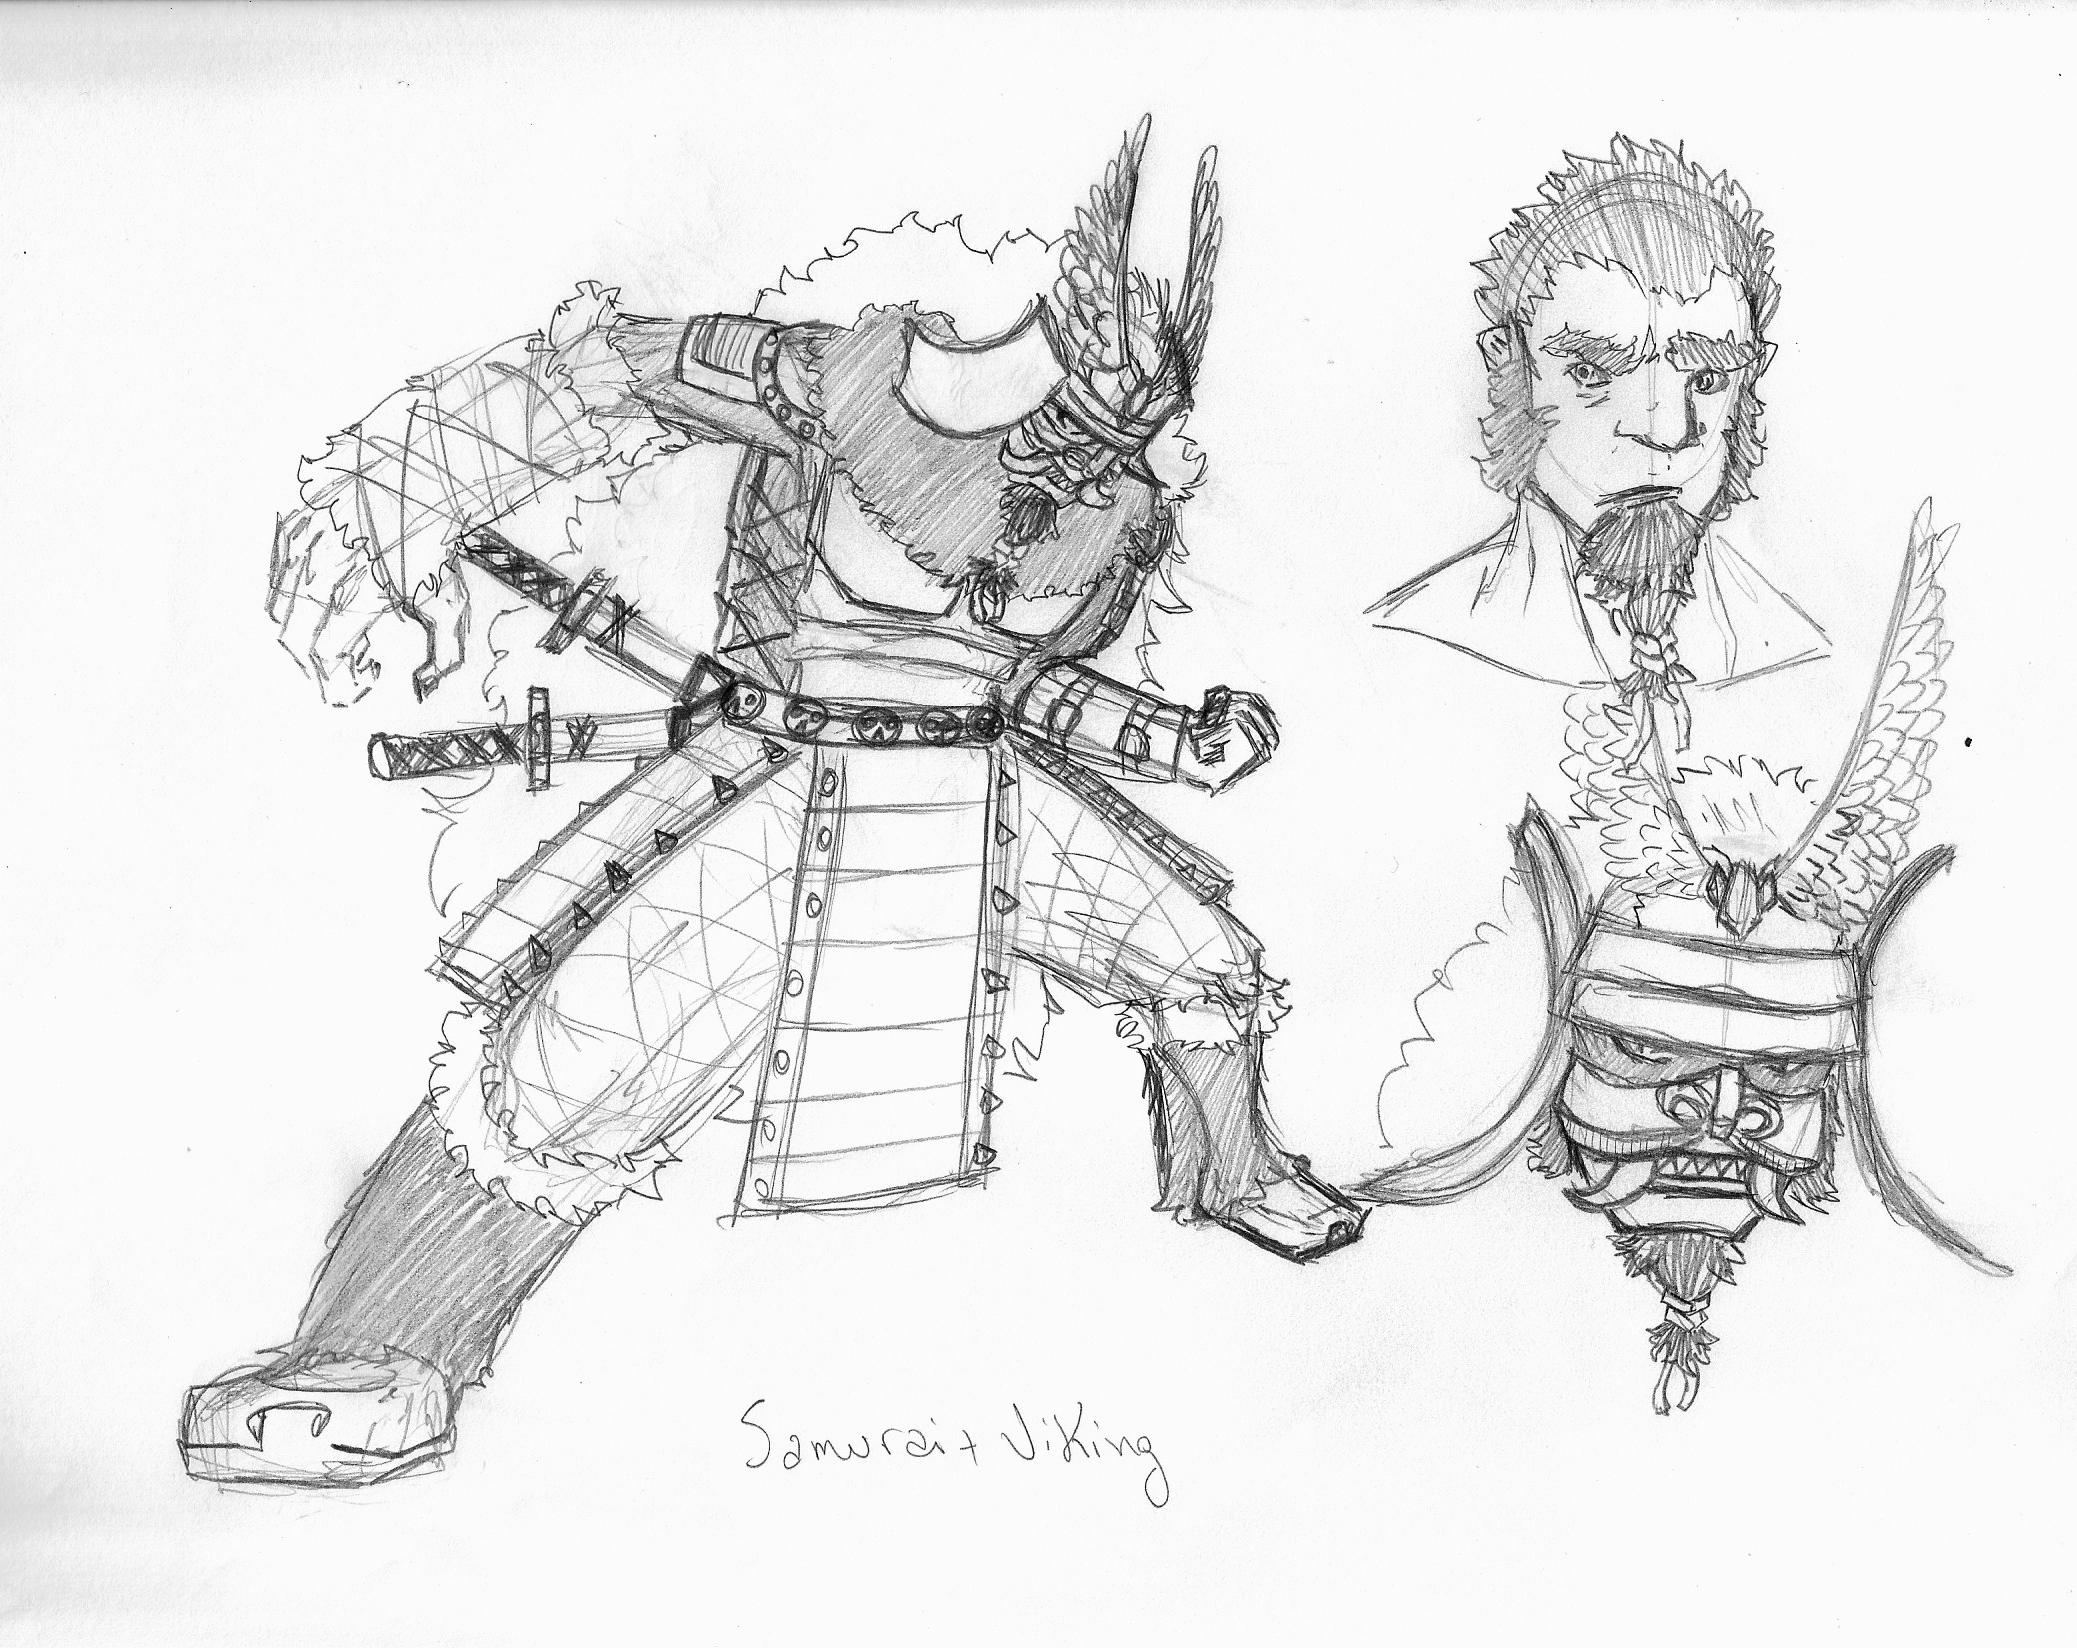 Viking samurai by VitorFF